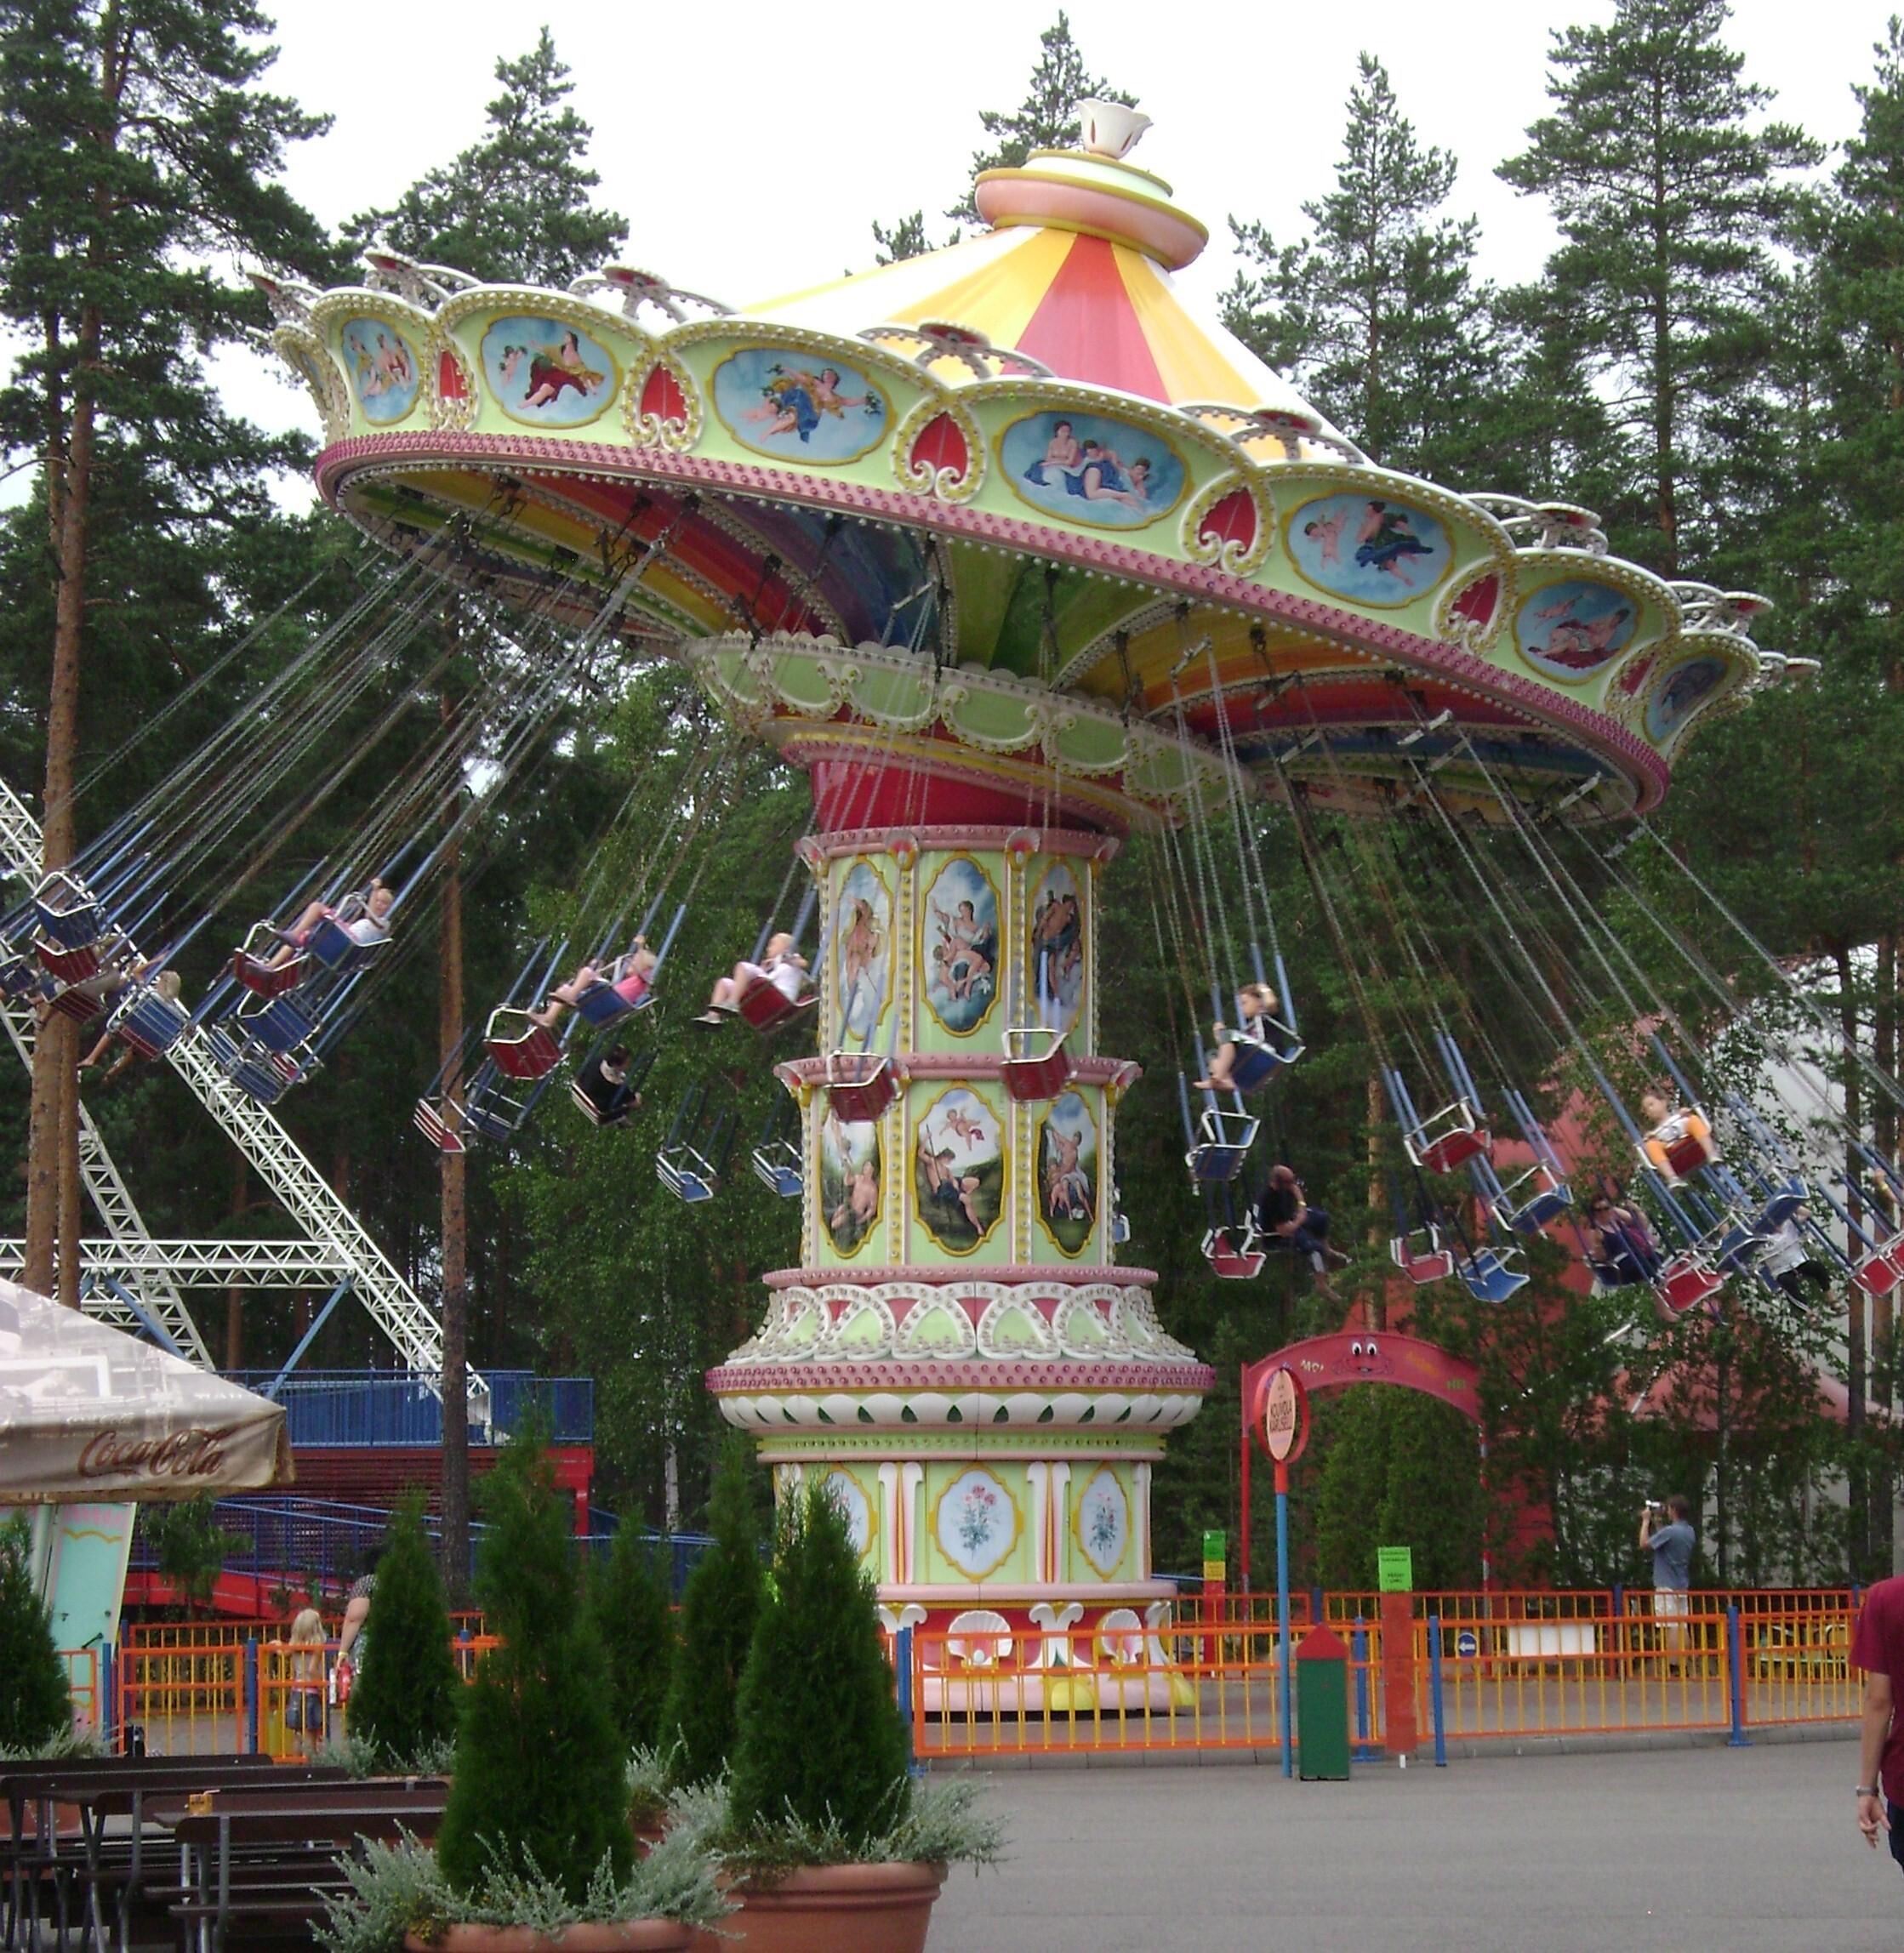 Keinukaruselli Tykkimäen huvipuistossa, 2010. Otto Karikoski, CC BY-SA 3.0.